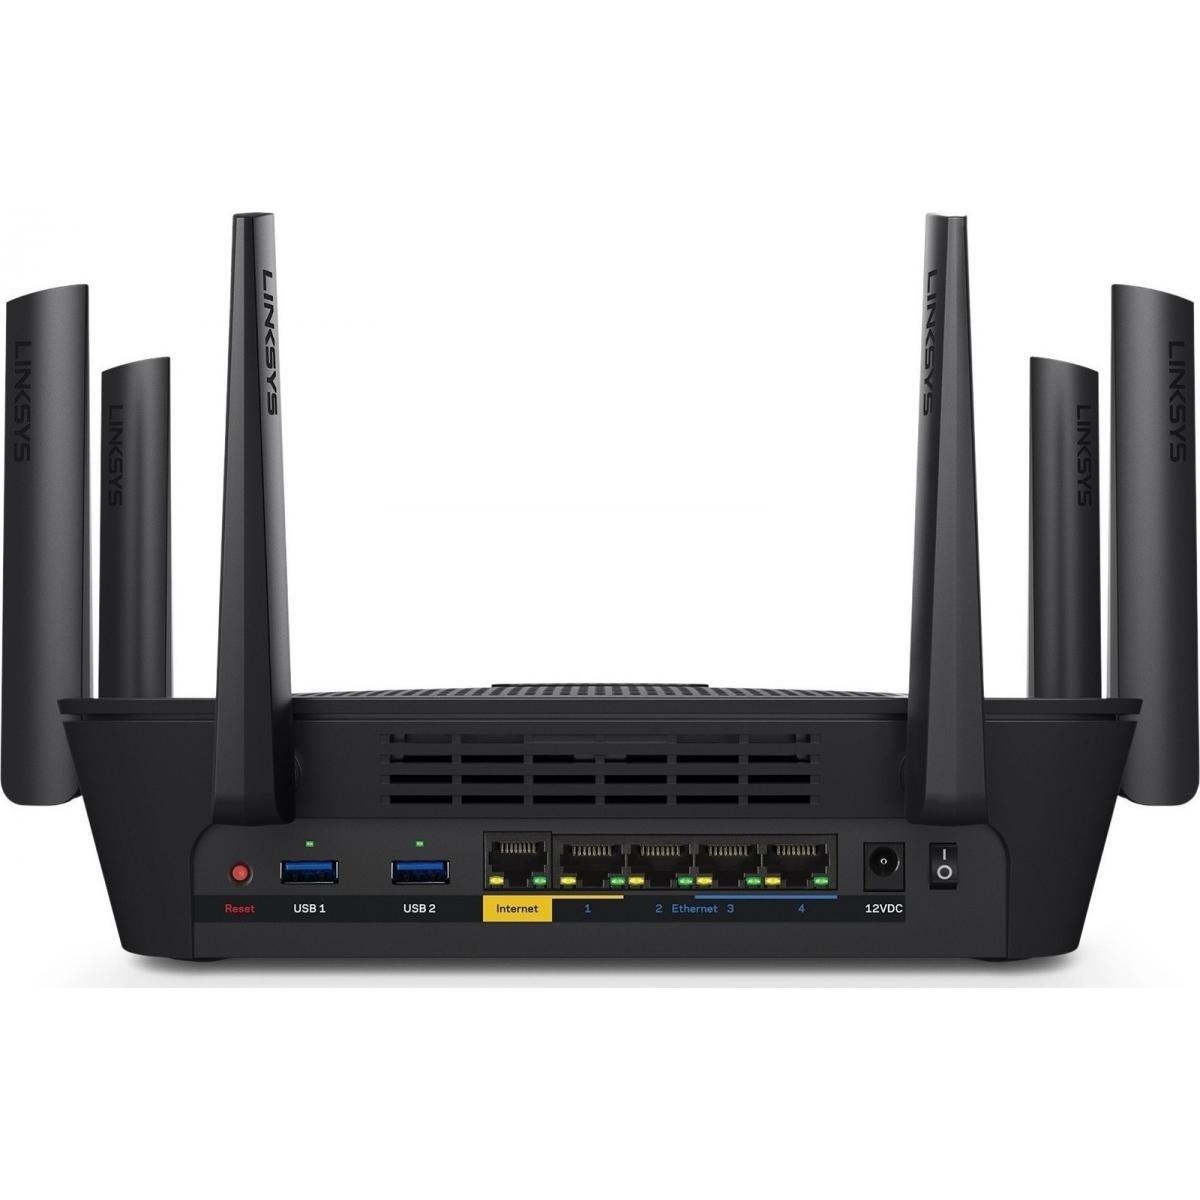 Linksys WRT32X Wireless AC3200 w / Killer Prioritization Engine